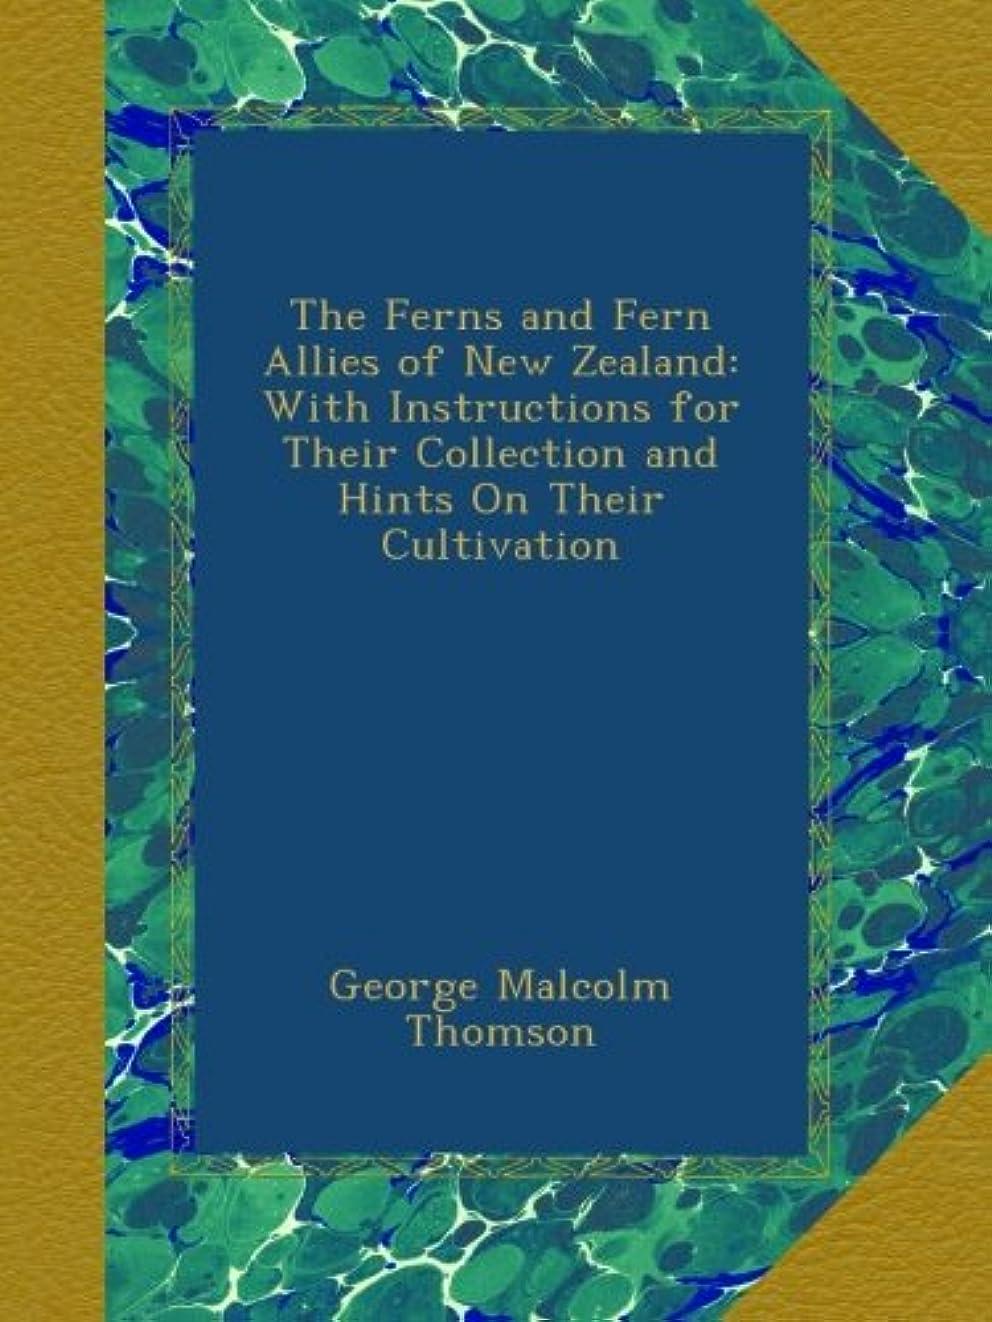 学んだ精神合理化The Ferns and Fern Allies of New Zealand: With Instructions for Their Collection and Hints On Their Cultivation